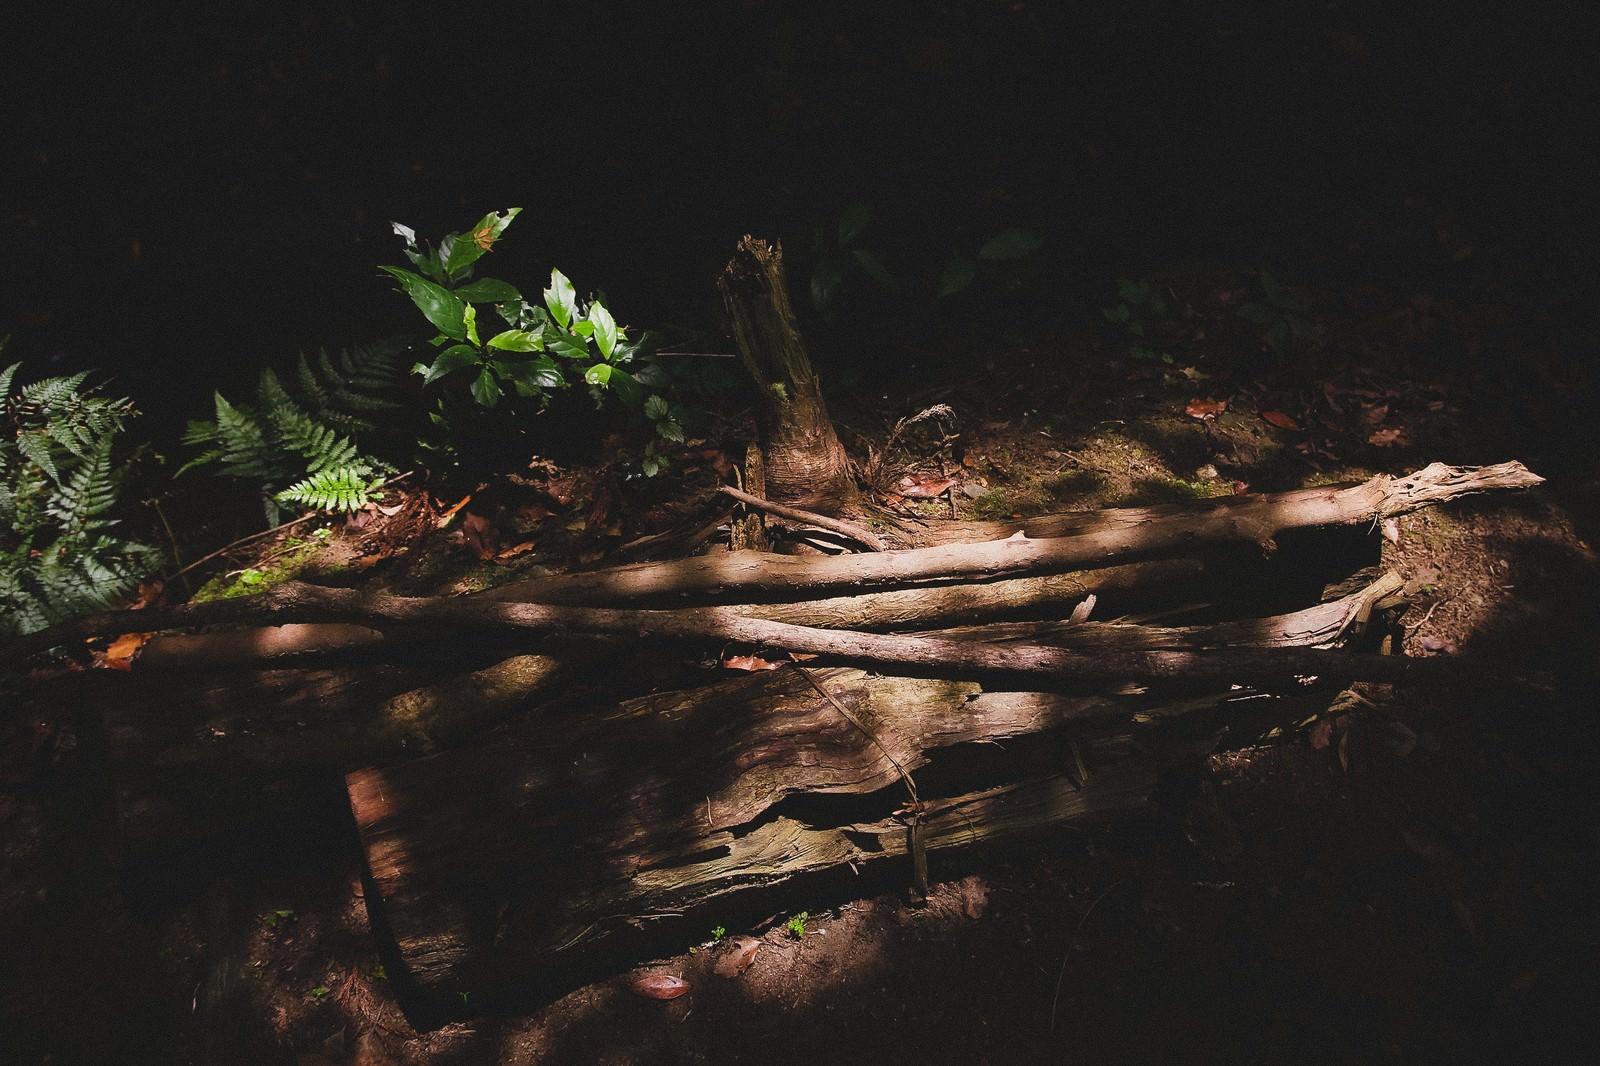 「放置された木材」の写真